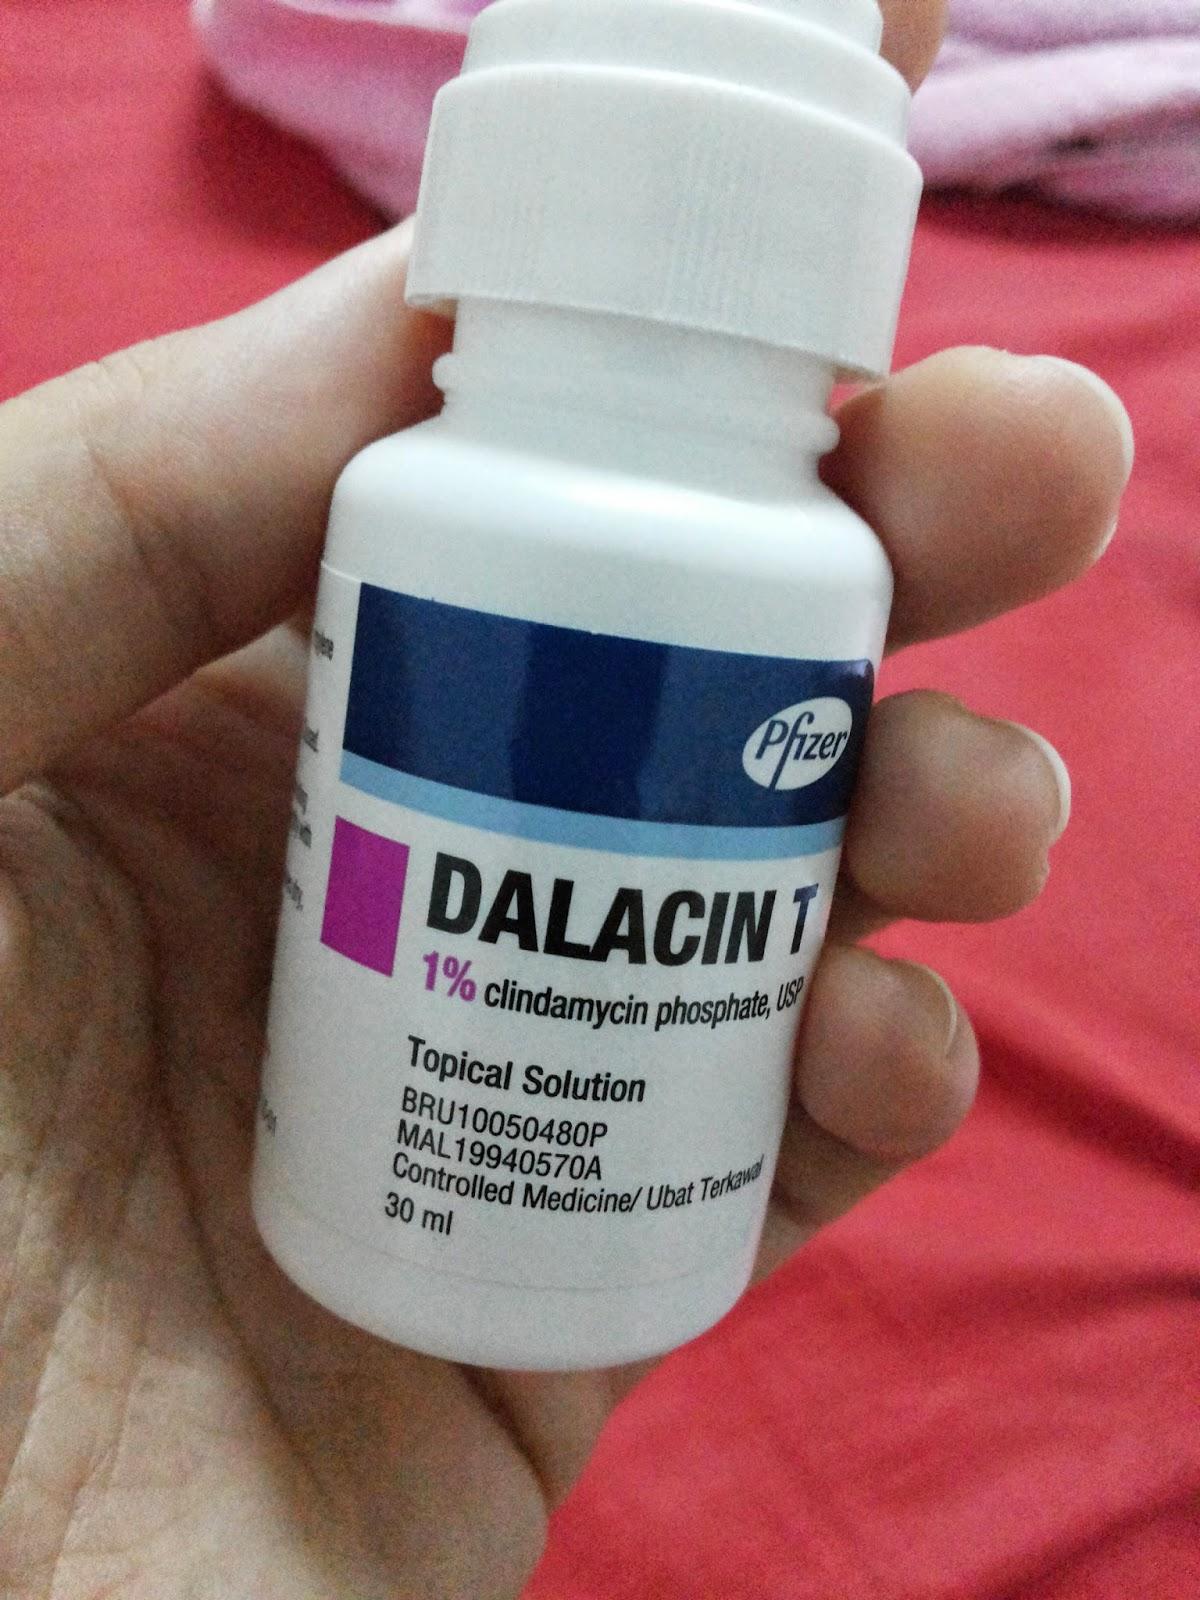 chemist on blog: dalacin T and my acne